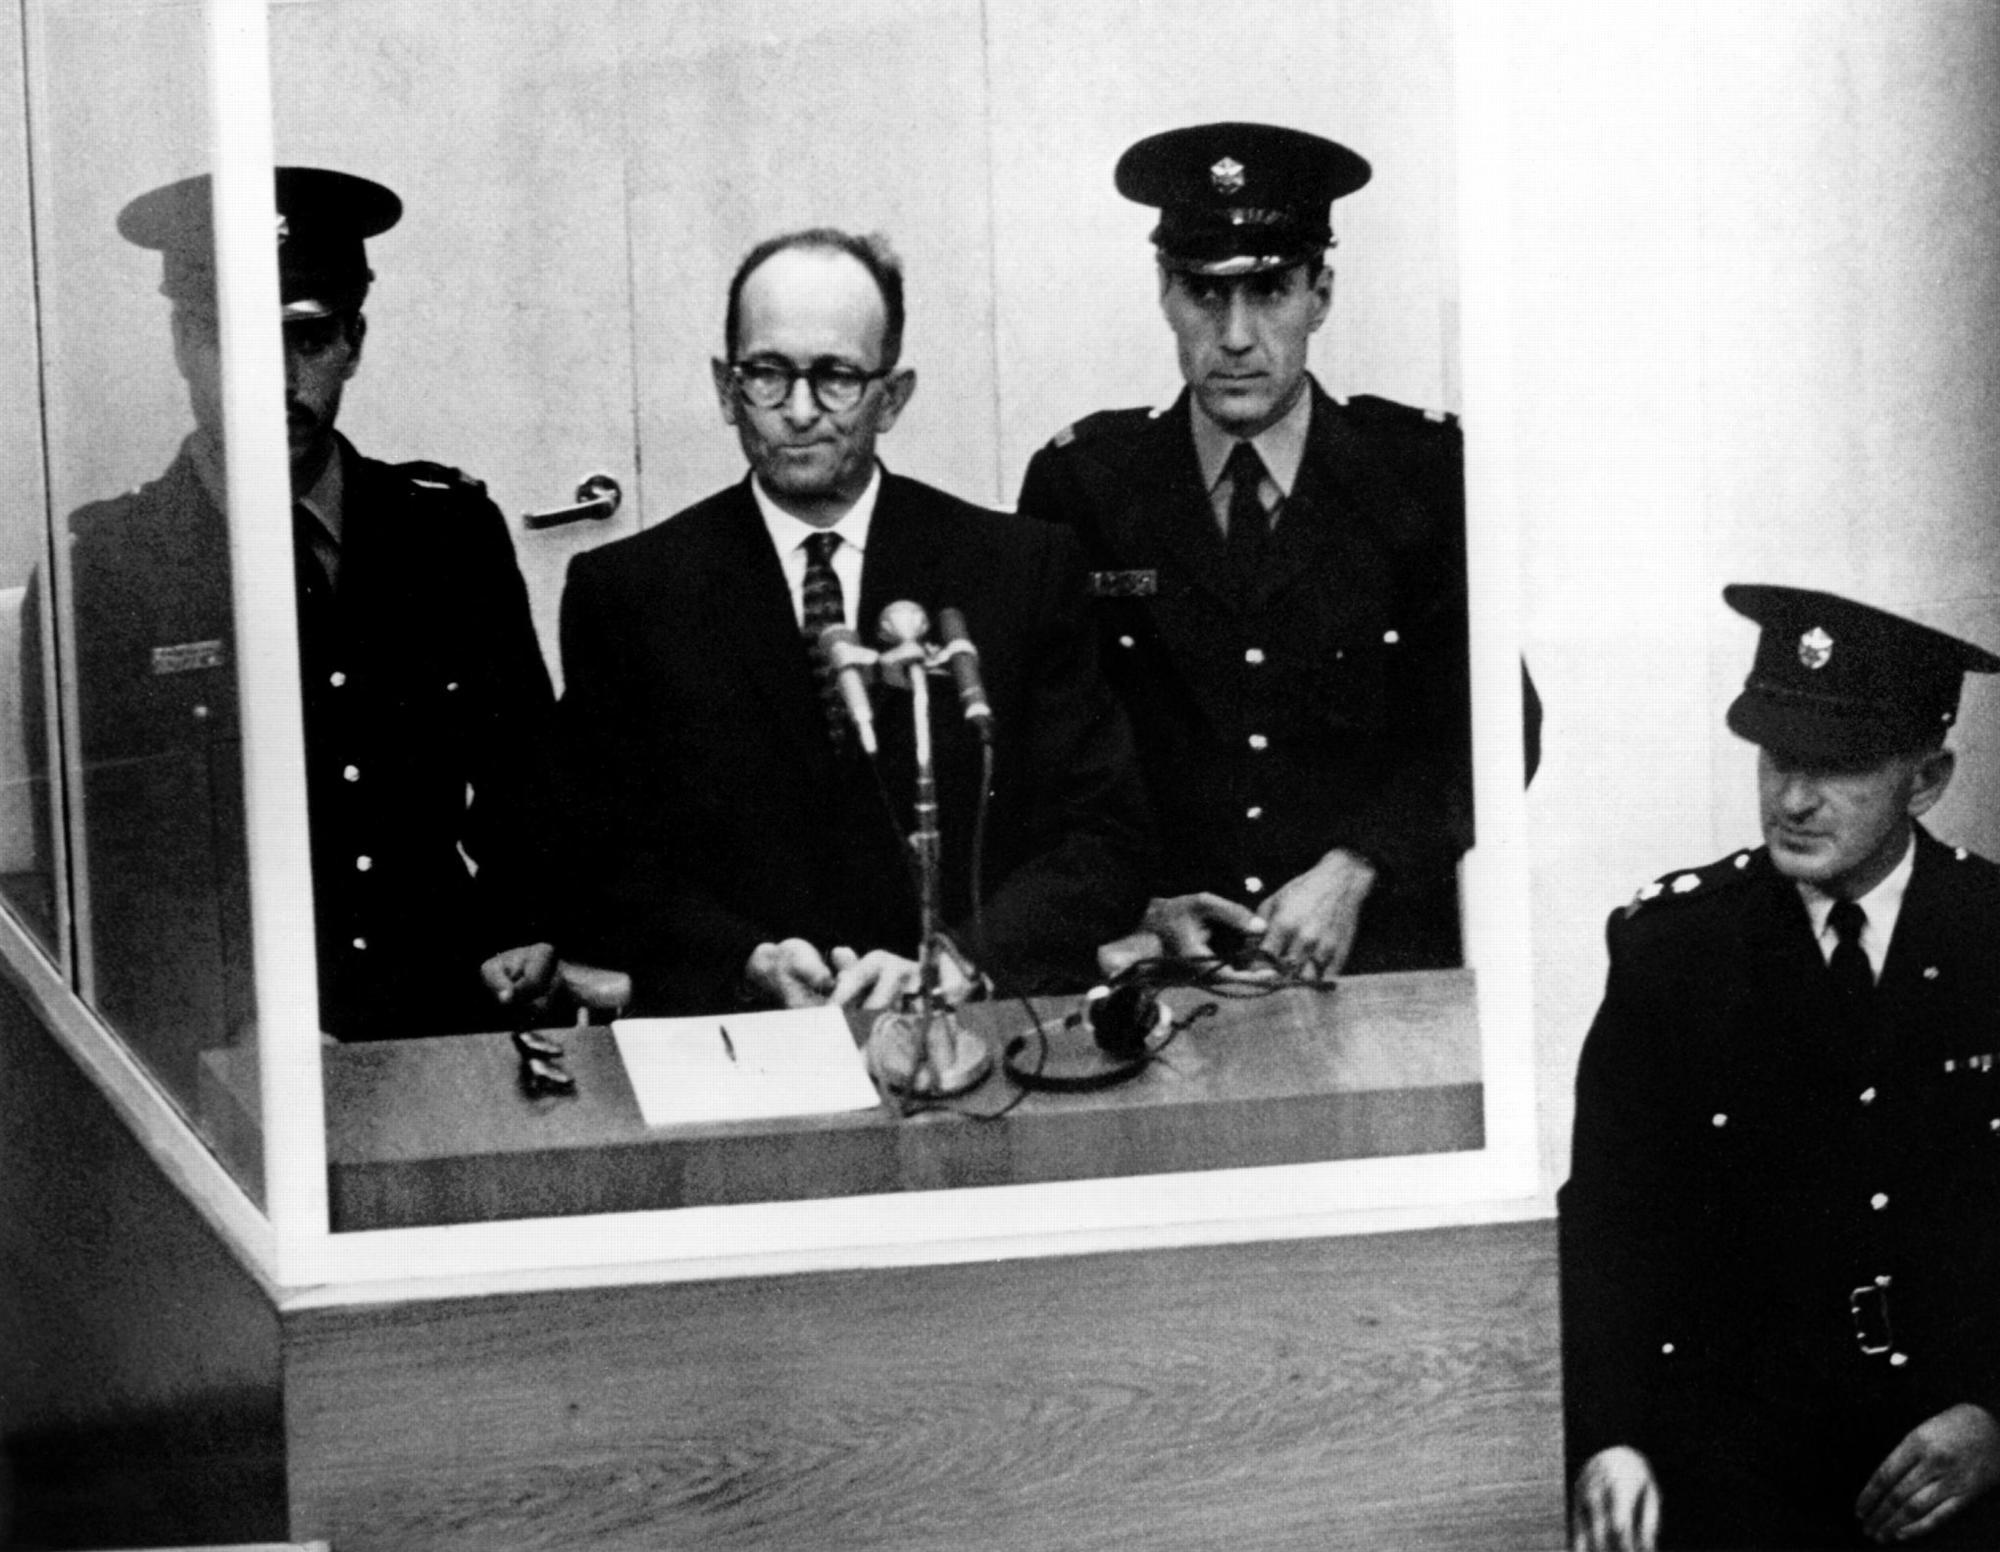 Université populaire - Eichmann, médiocre criminel de bureau ou monstre ?